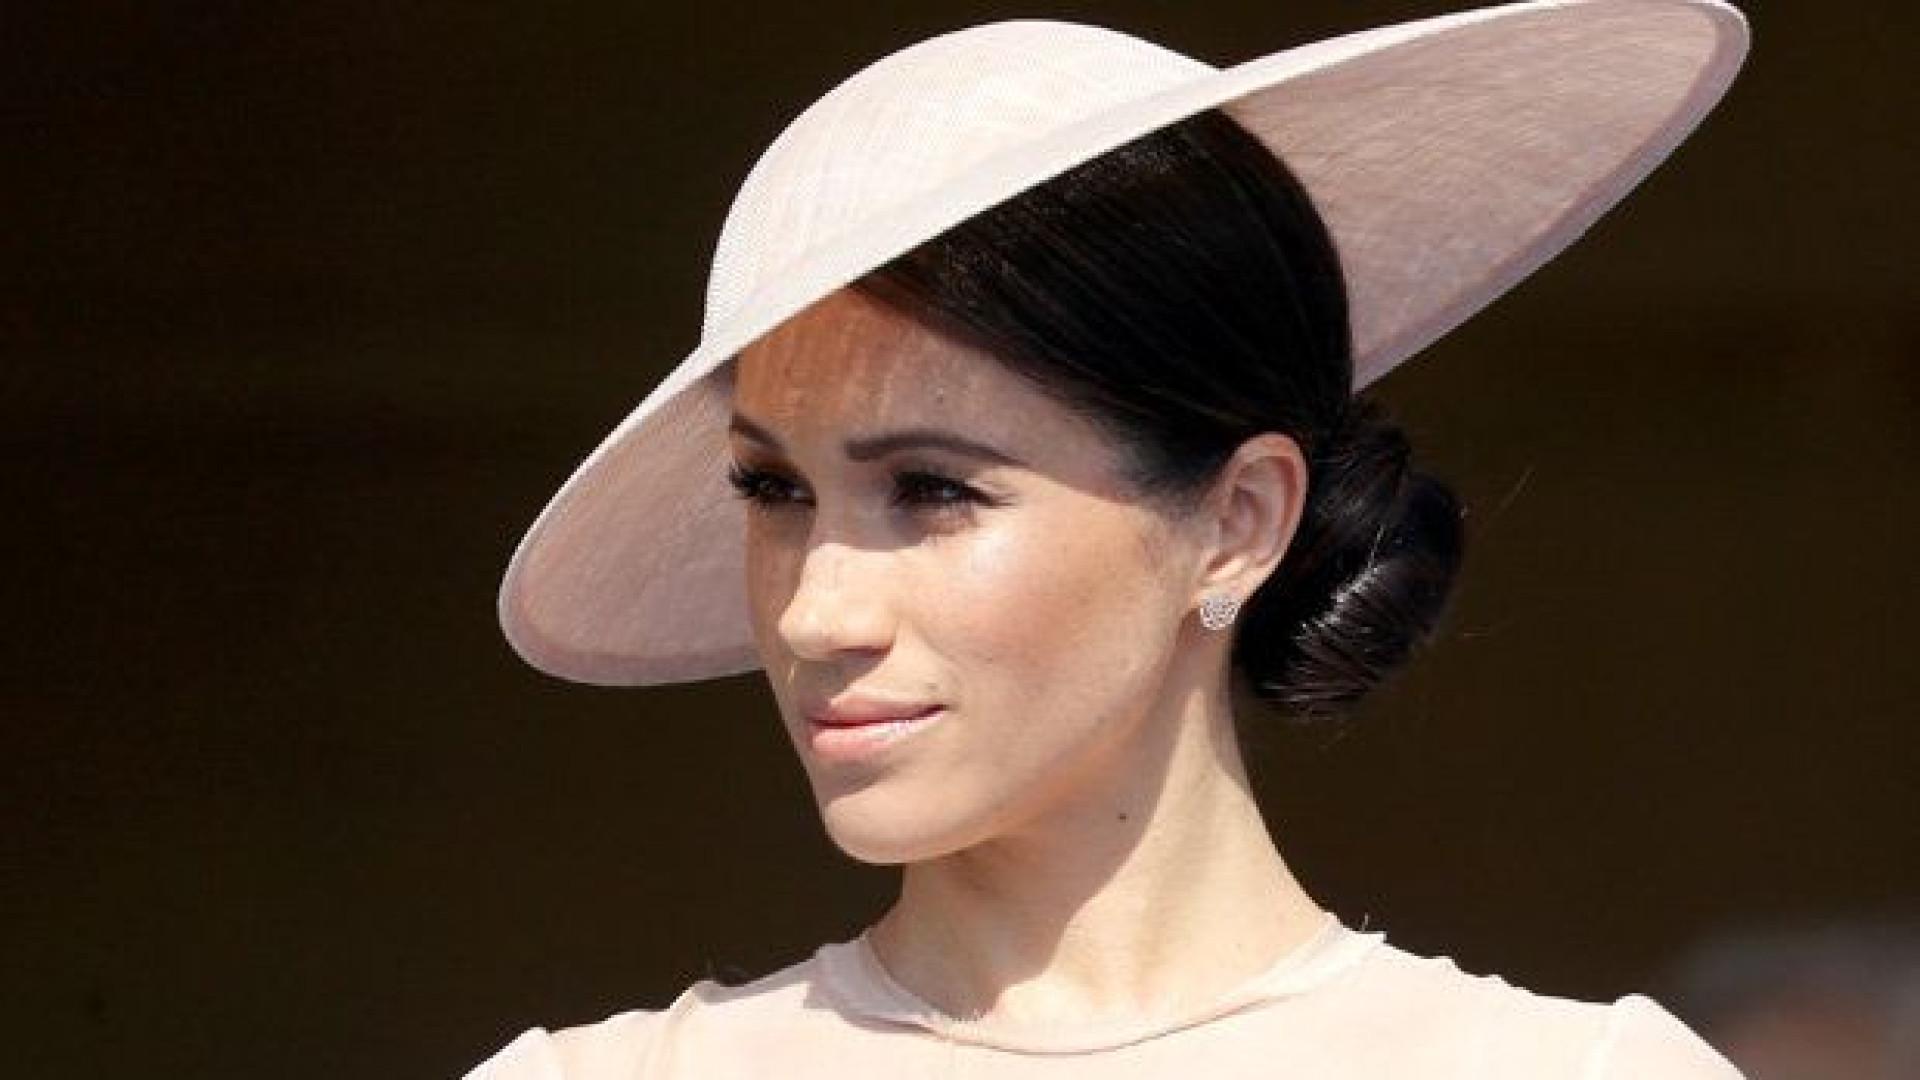 Tatuagens na cara? Duquesa Meghan Markle está por trás da nova tendência